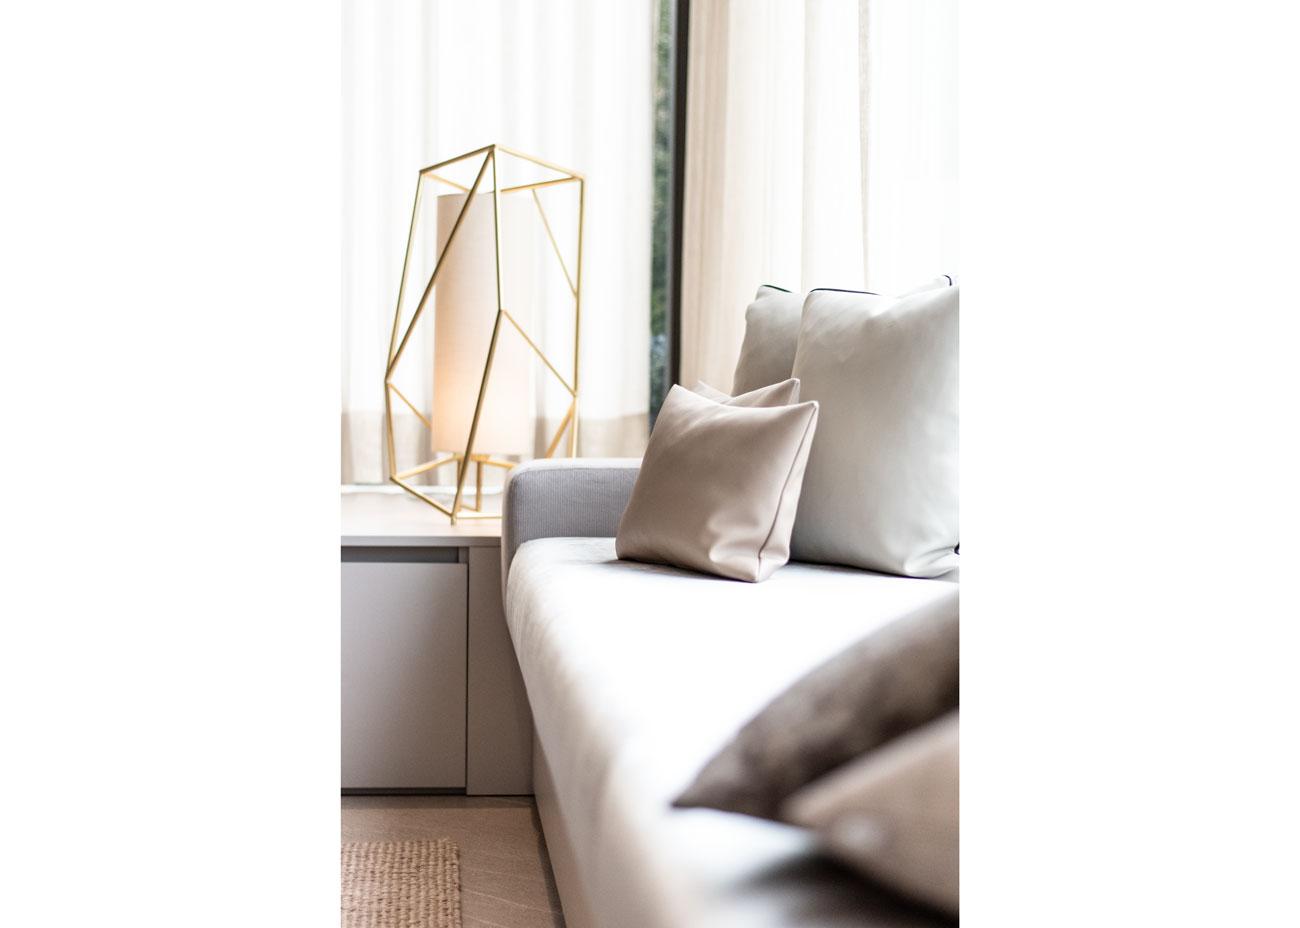 haus einrichten wohnen couch kissen grau leuchte messing